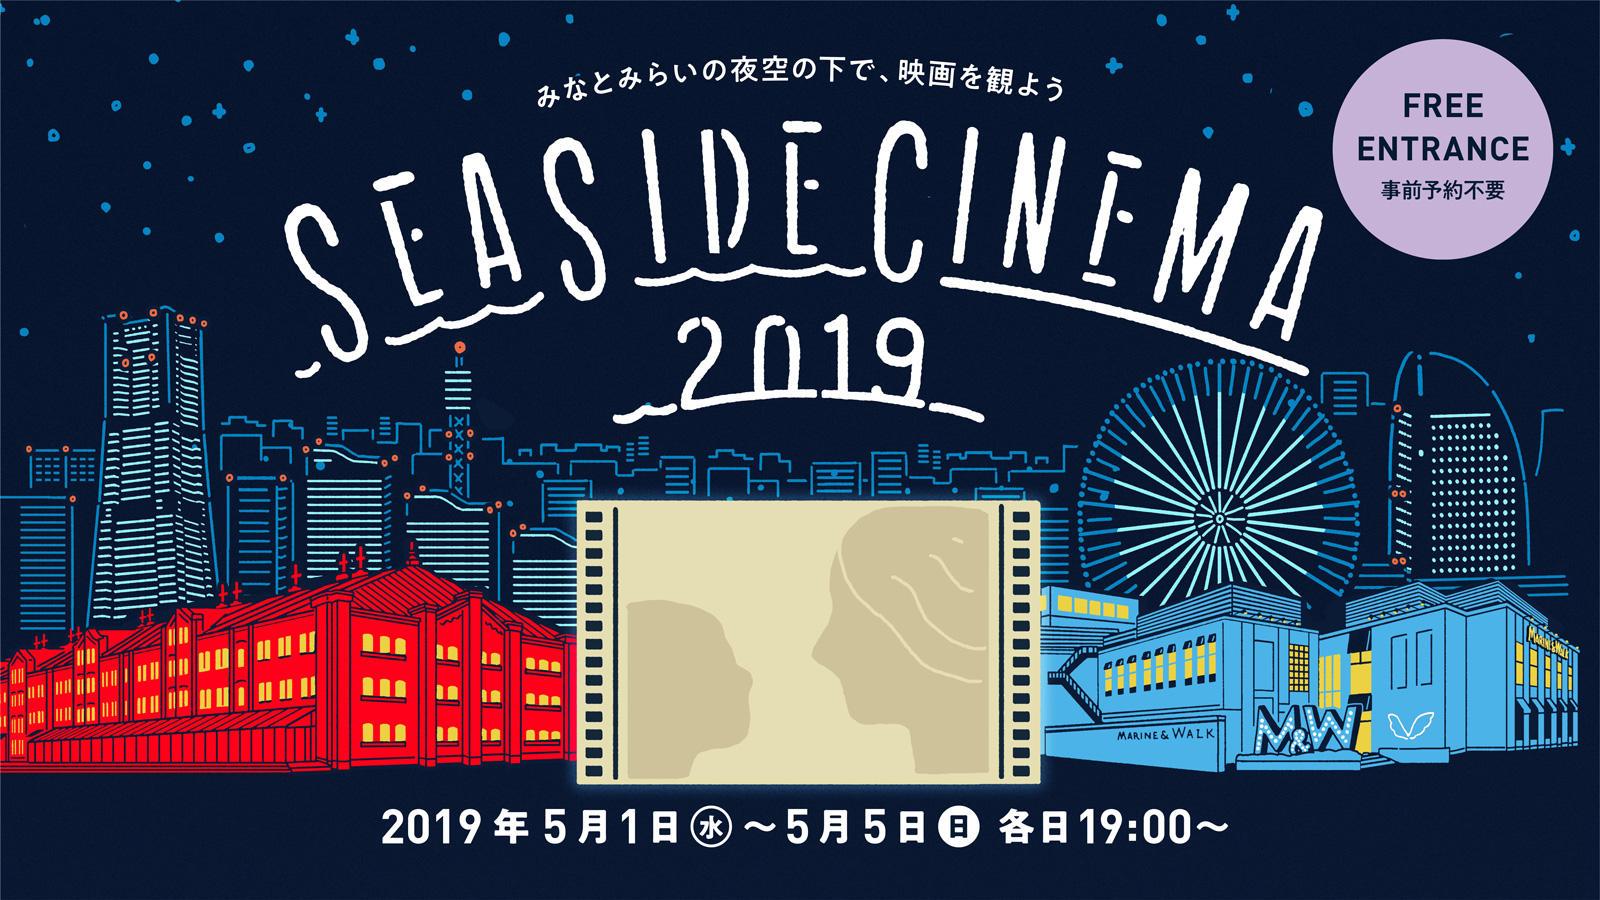 5日間限定の野外シアター「SEASIDE CINEMA」を横浜赤レンガ倉庫のMARINE&WALK YOKOHAMAにて開催予定。